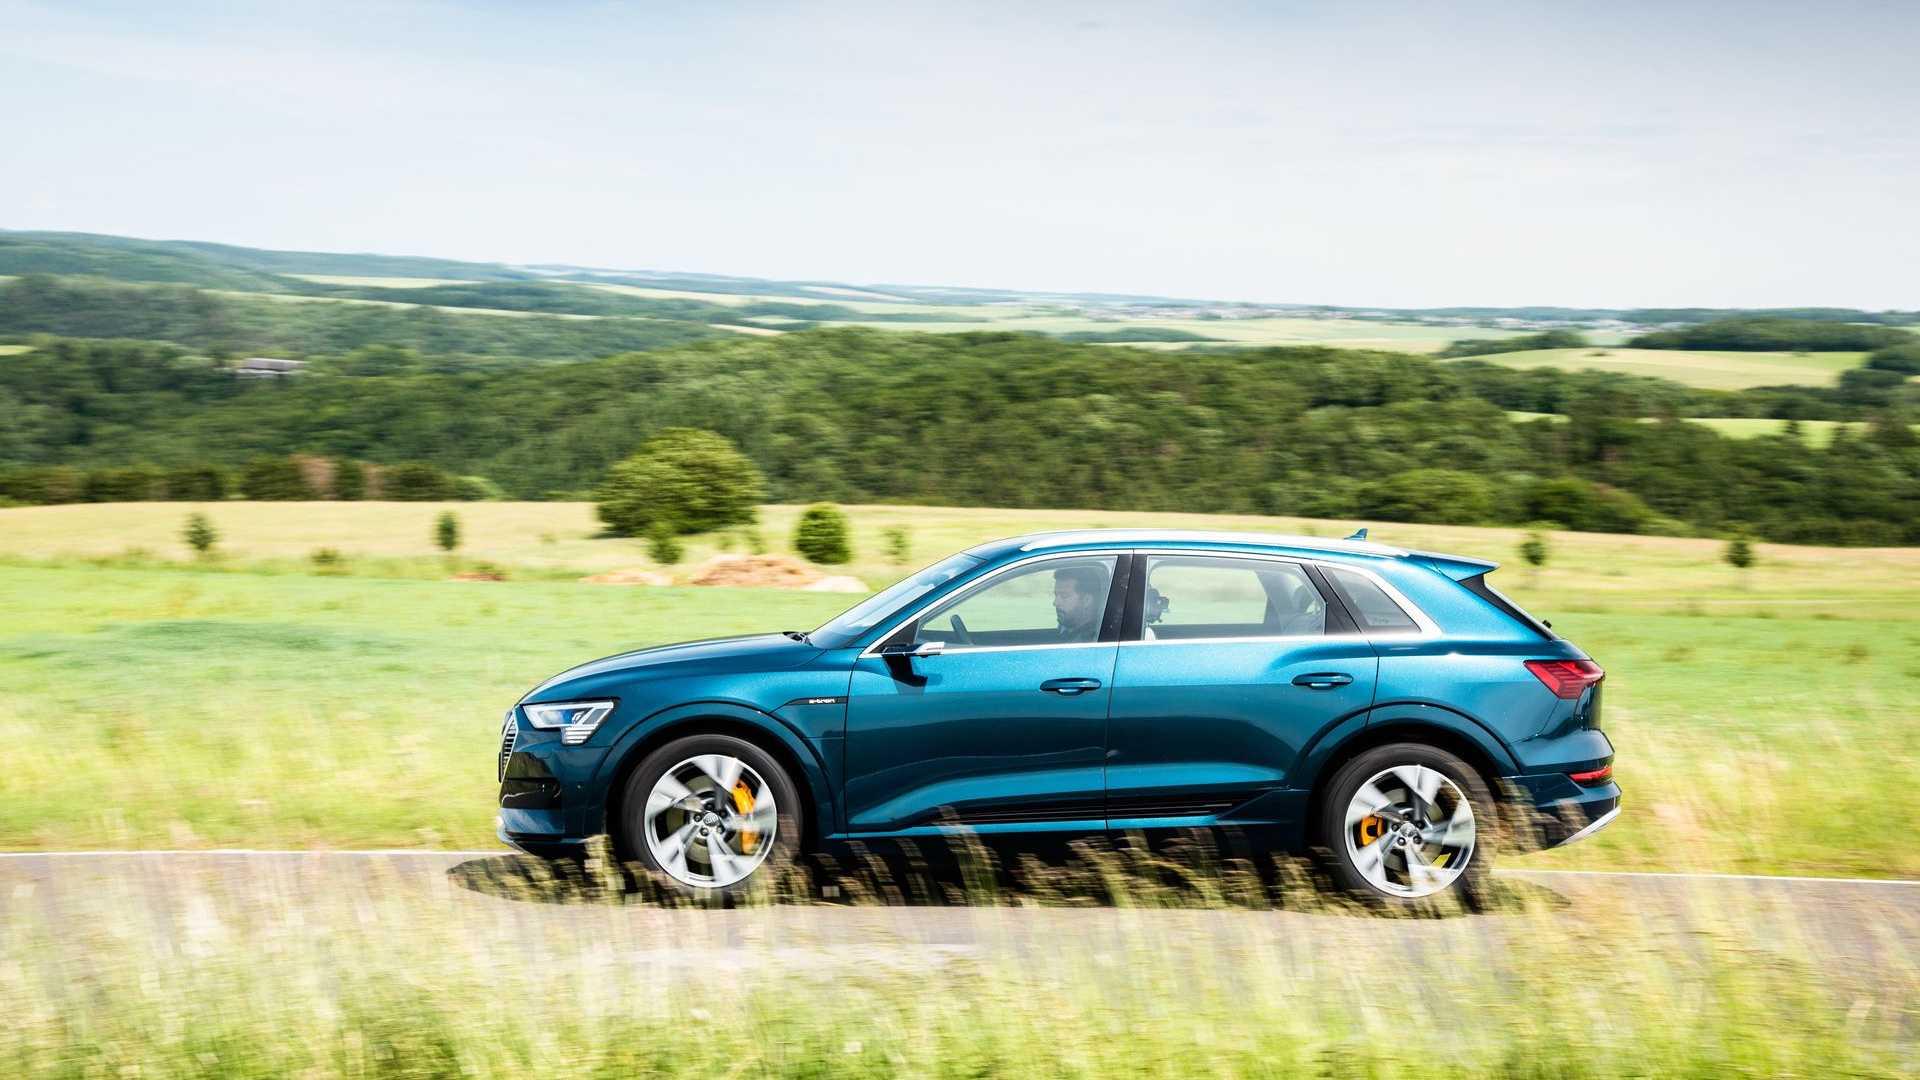 Во втором квартале 2020 года Audi продала более 1100 внедорожников e-tron в США.